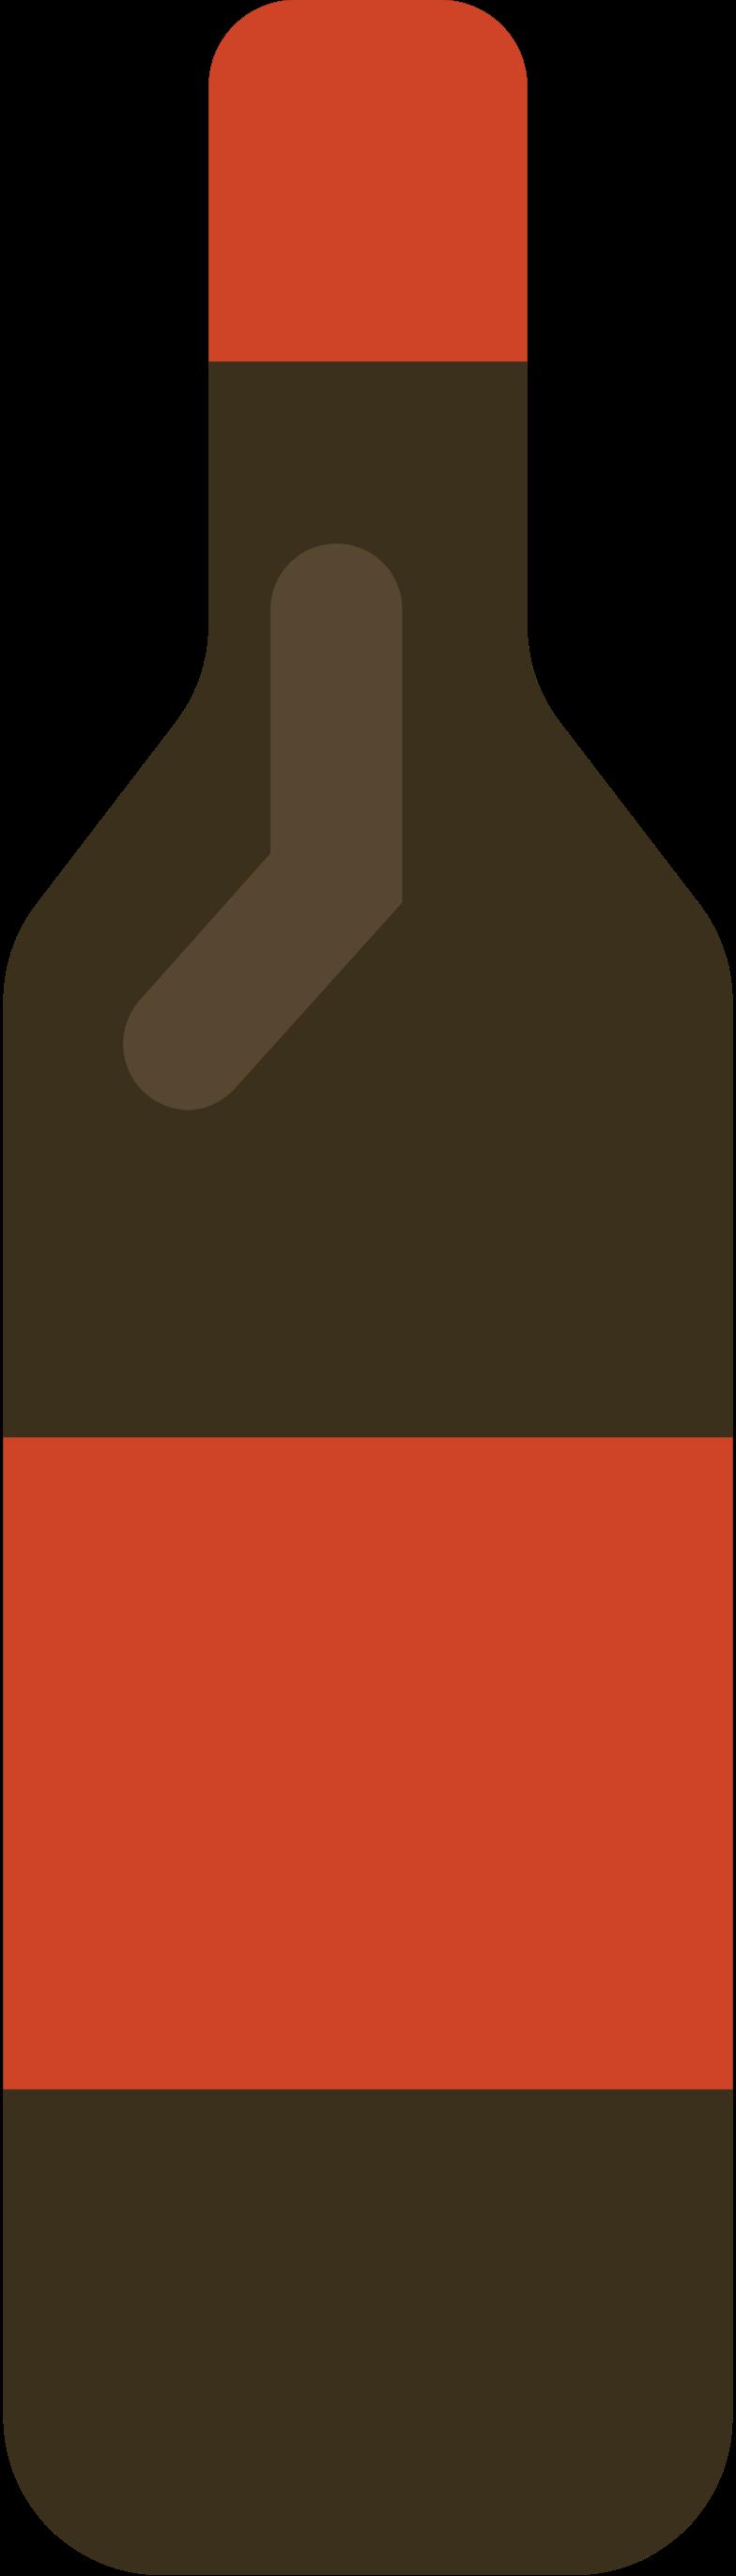 Ilustración de clipart de wine bottle en PNG, SVG